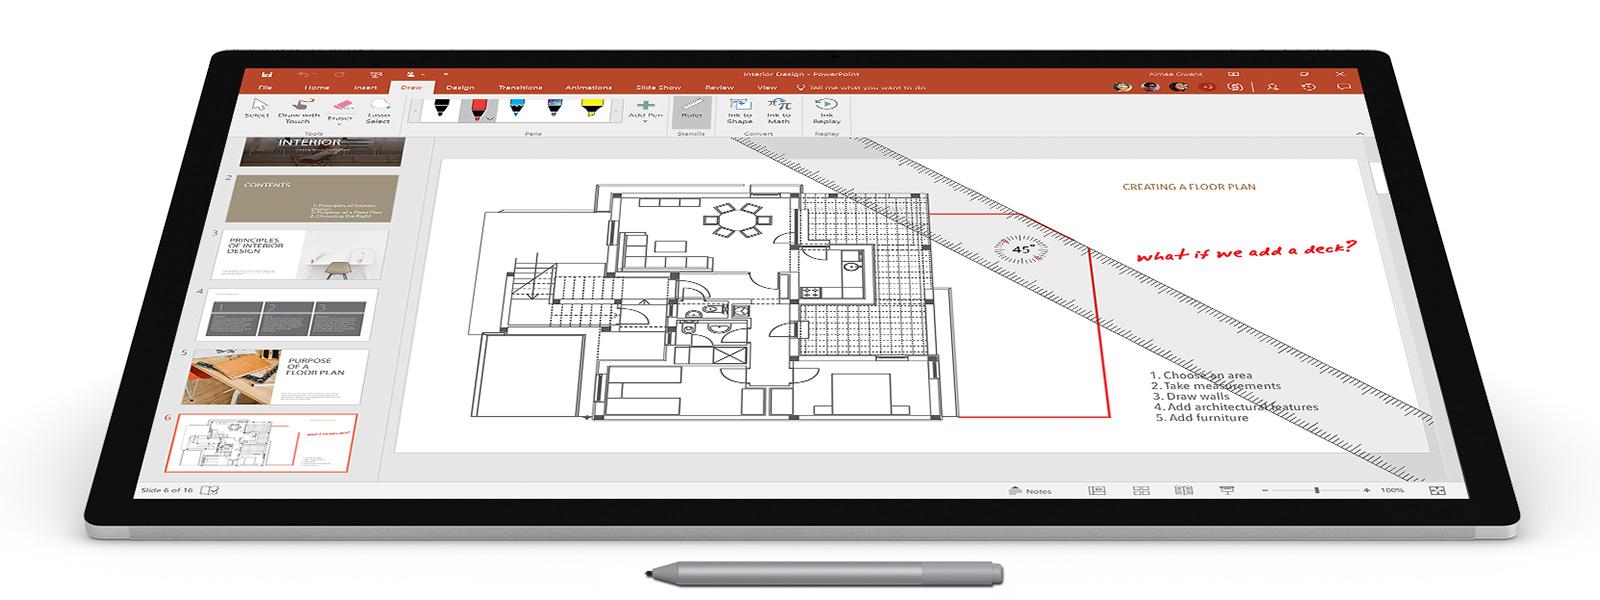 Screenshot eines Bauplans mit Surface-Stift, Anmerkungen und einem Lineal auf dem Bildschirm